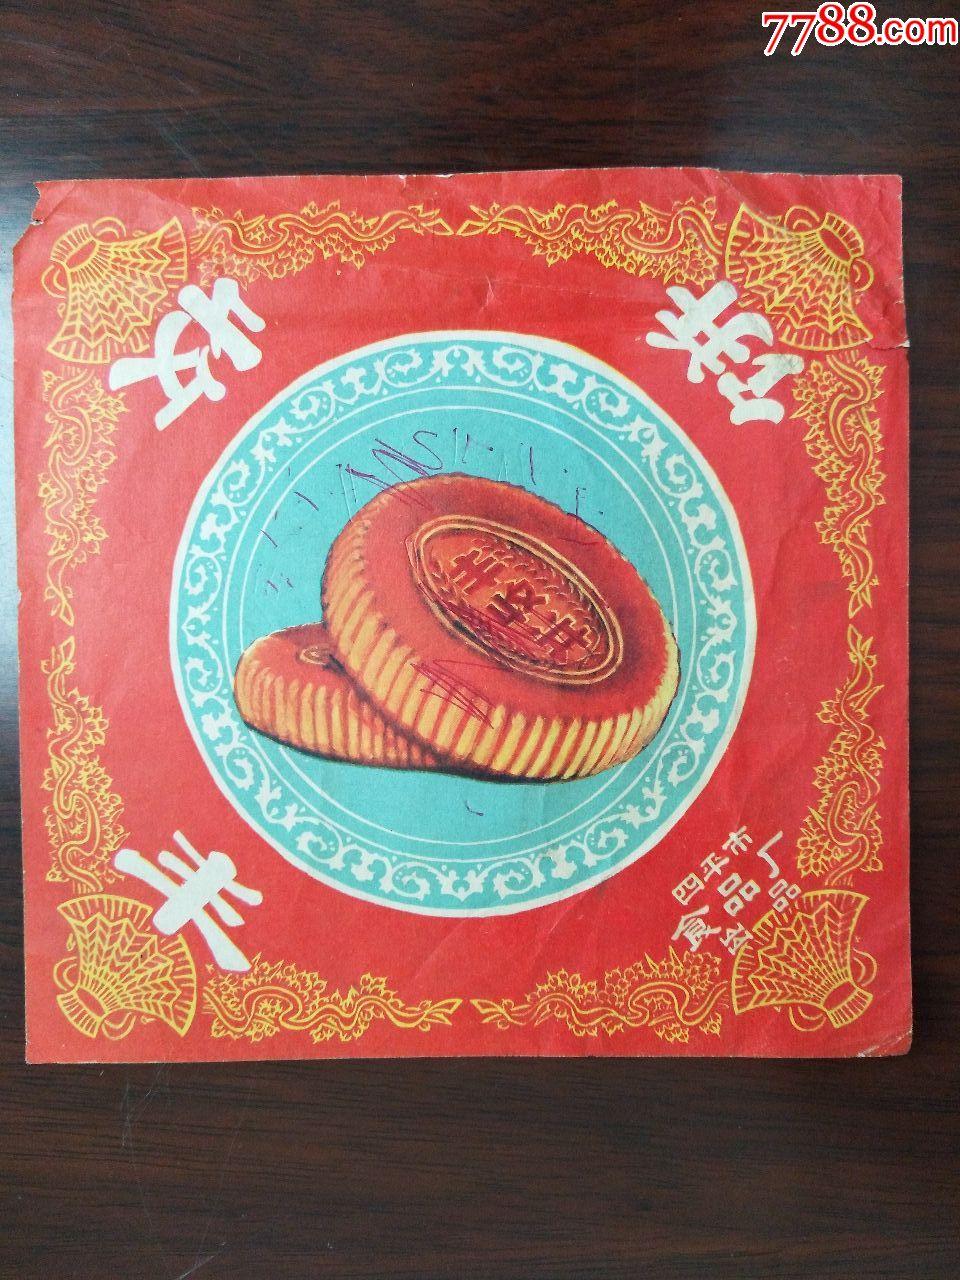 丰收饼(吉林省四平市食品厂出品)莲子有点圆珠笔写画正面定图片